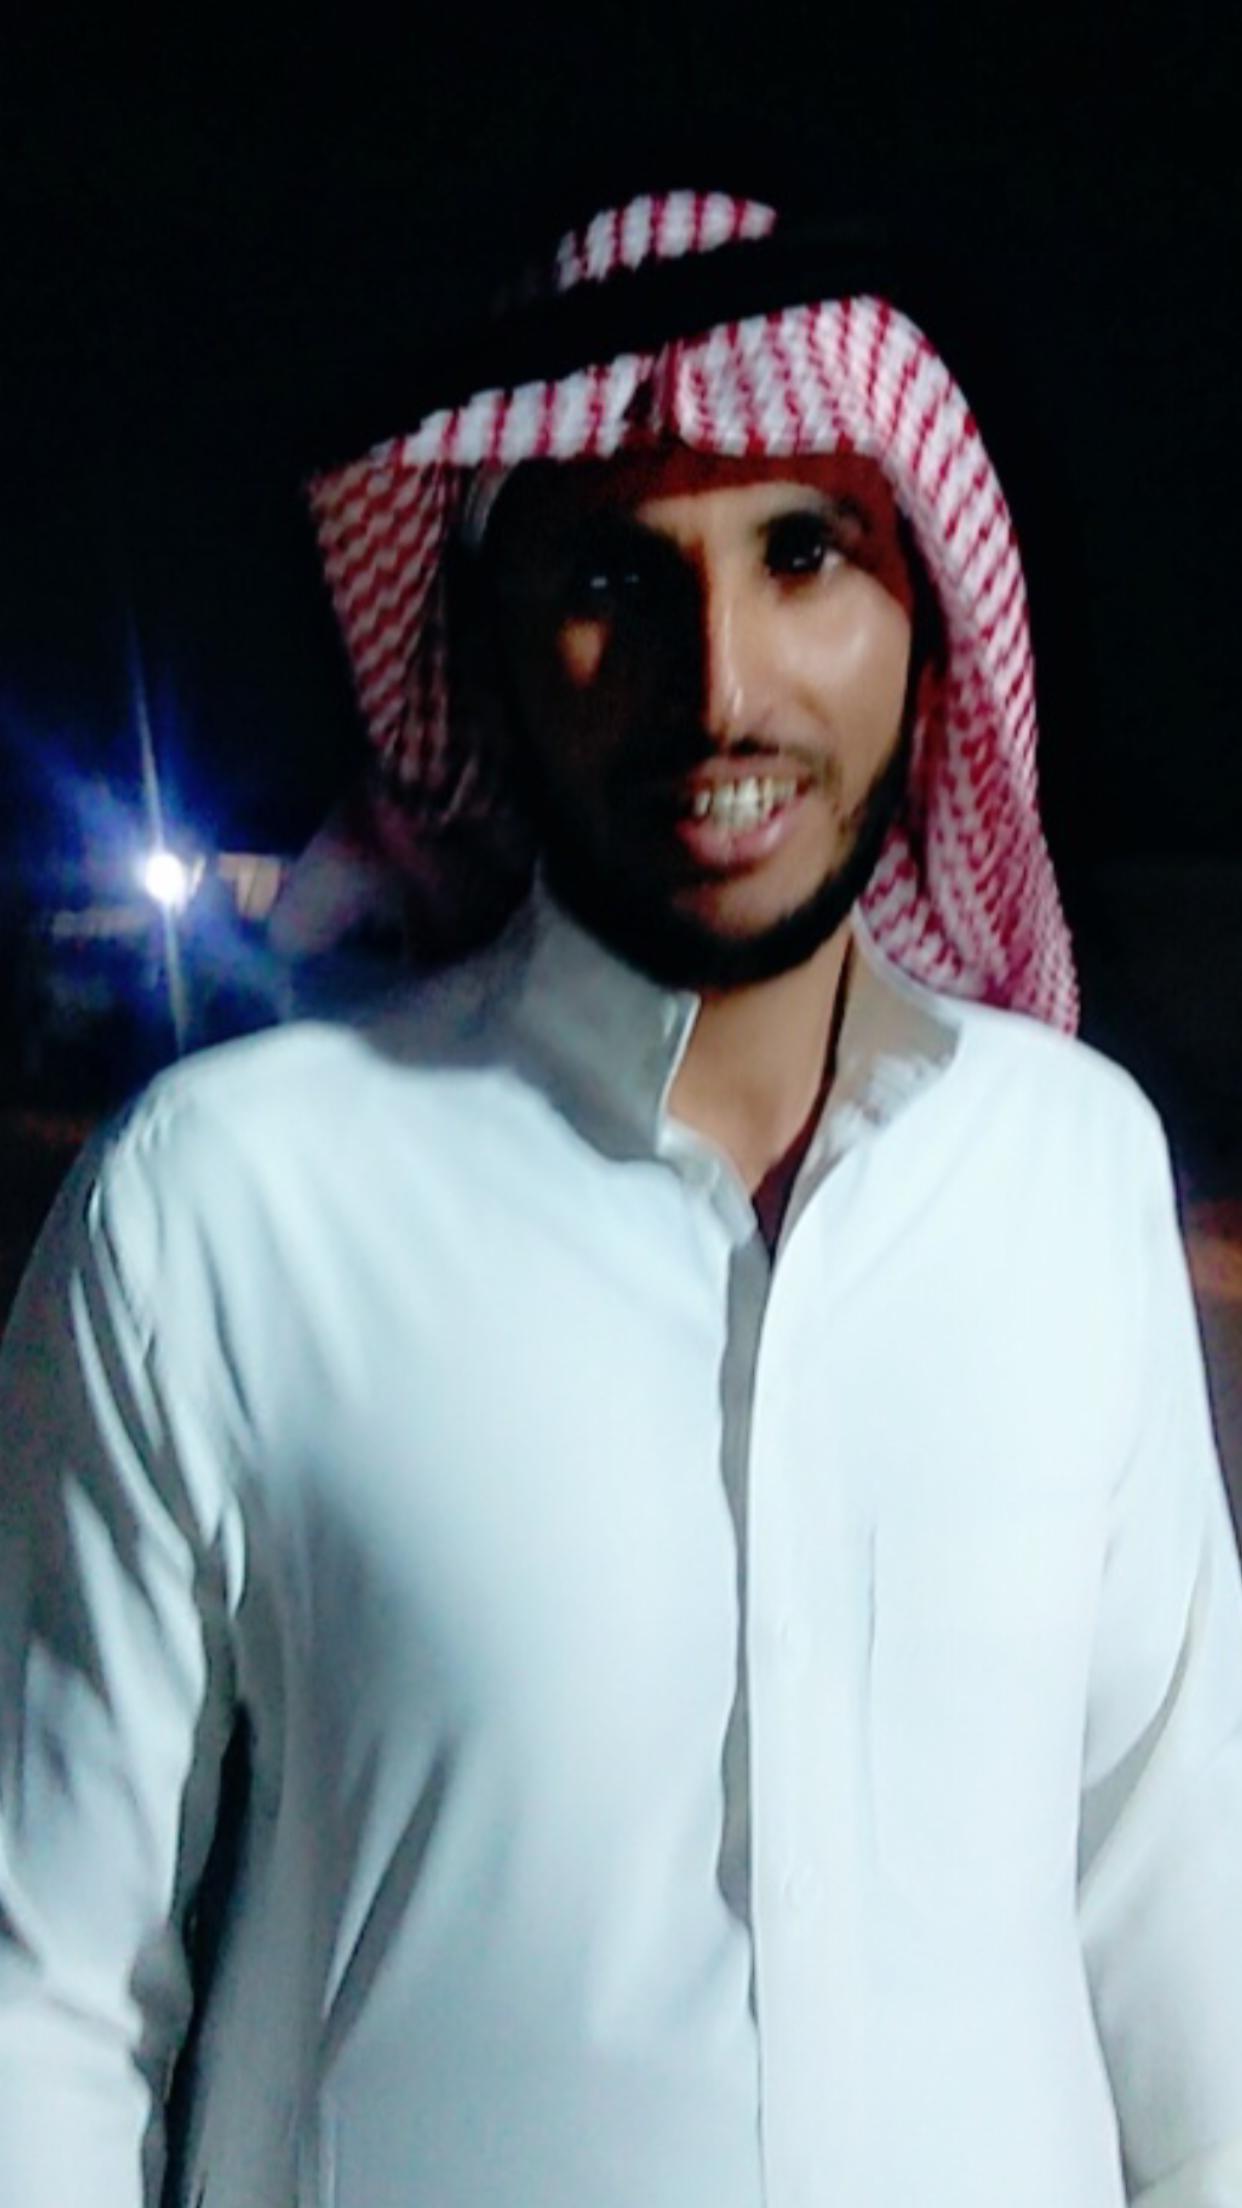 الشاب / حمدان فرج الجحم البلوي يحتفل بزواجه EE00B486 7D5A 4B1C 8A47 F87299275CDD